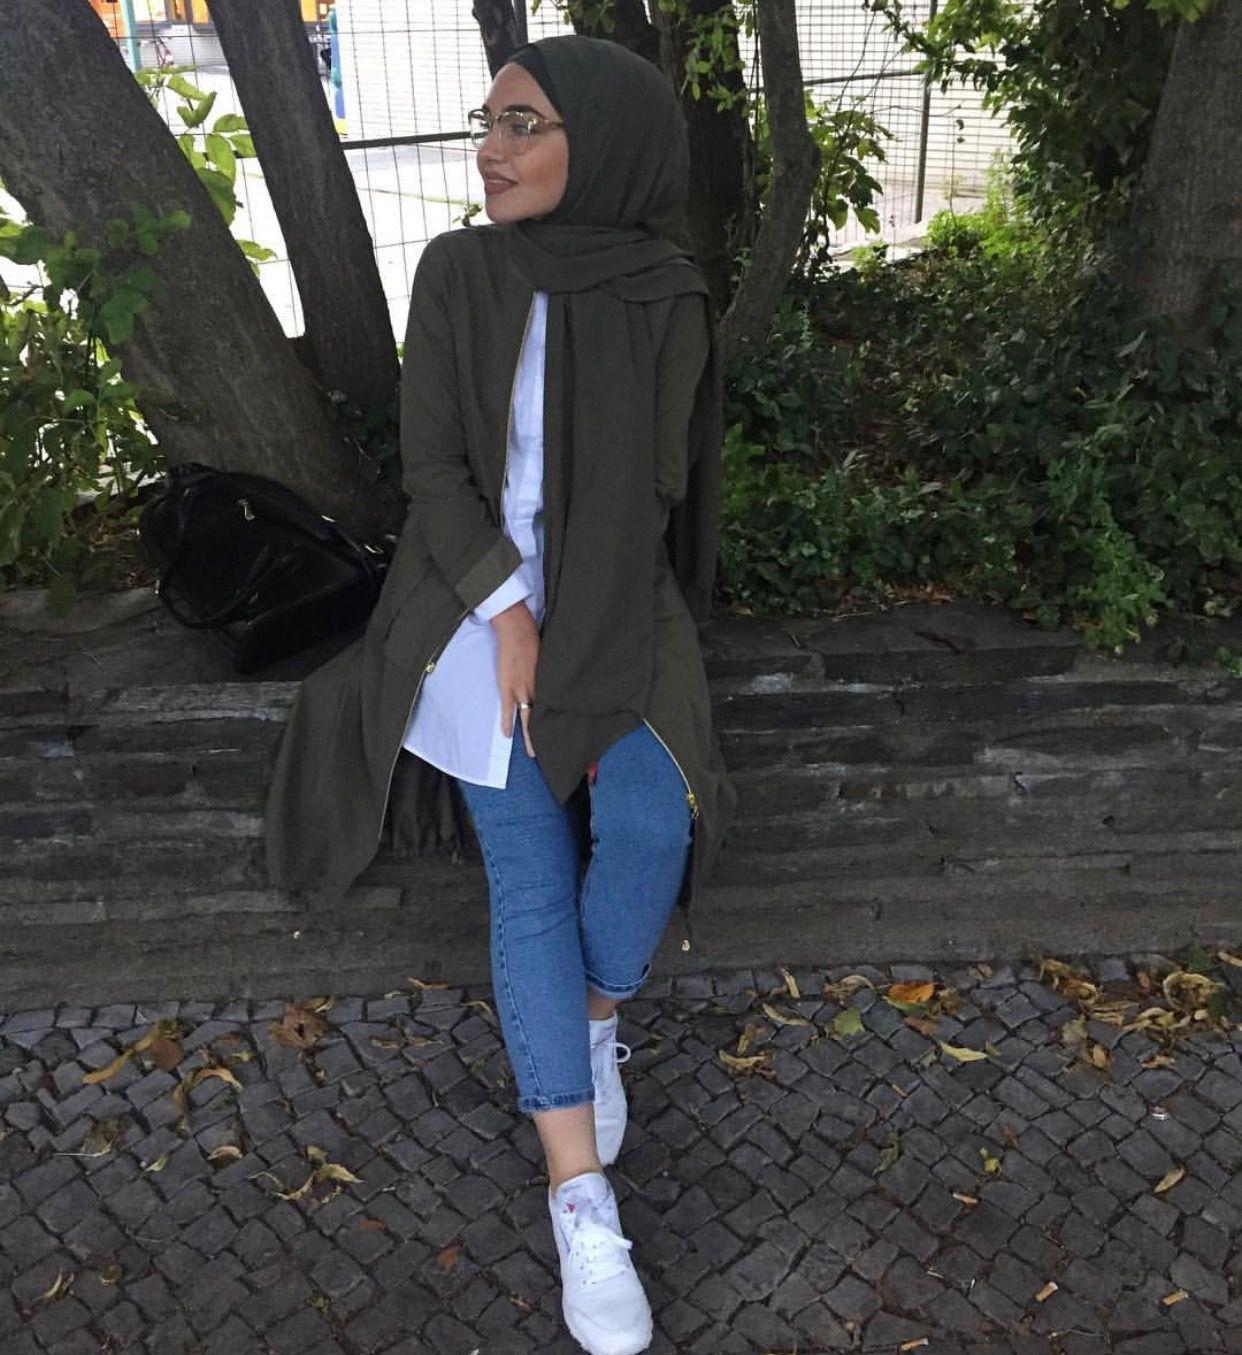 Basortulu Kadin Giyim Tesettur Giyim Kadin Modeller Pantolon Tunik Modelleri Bayan Kapali Giyim Tarzi Moda Kiyafetler Musluman Modasi Basortusu Modasi